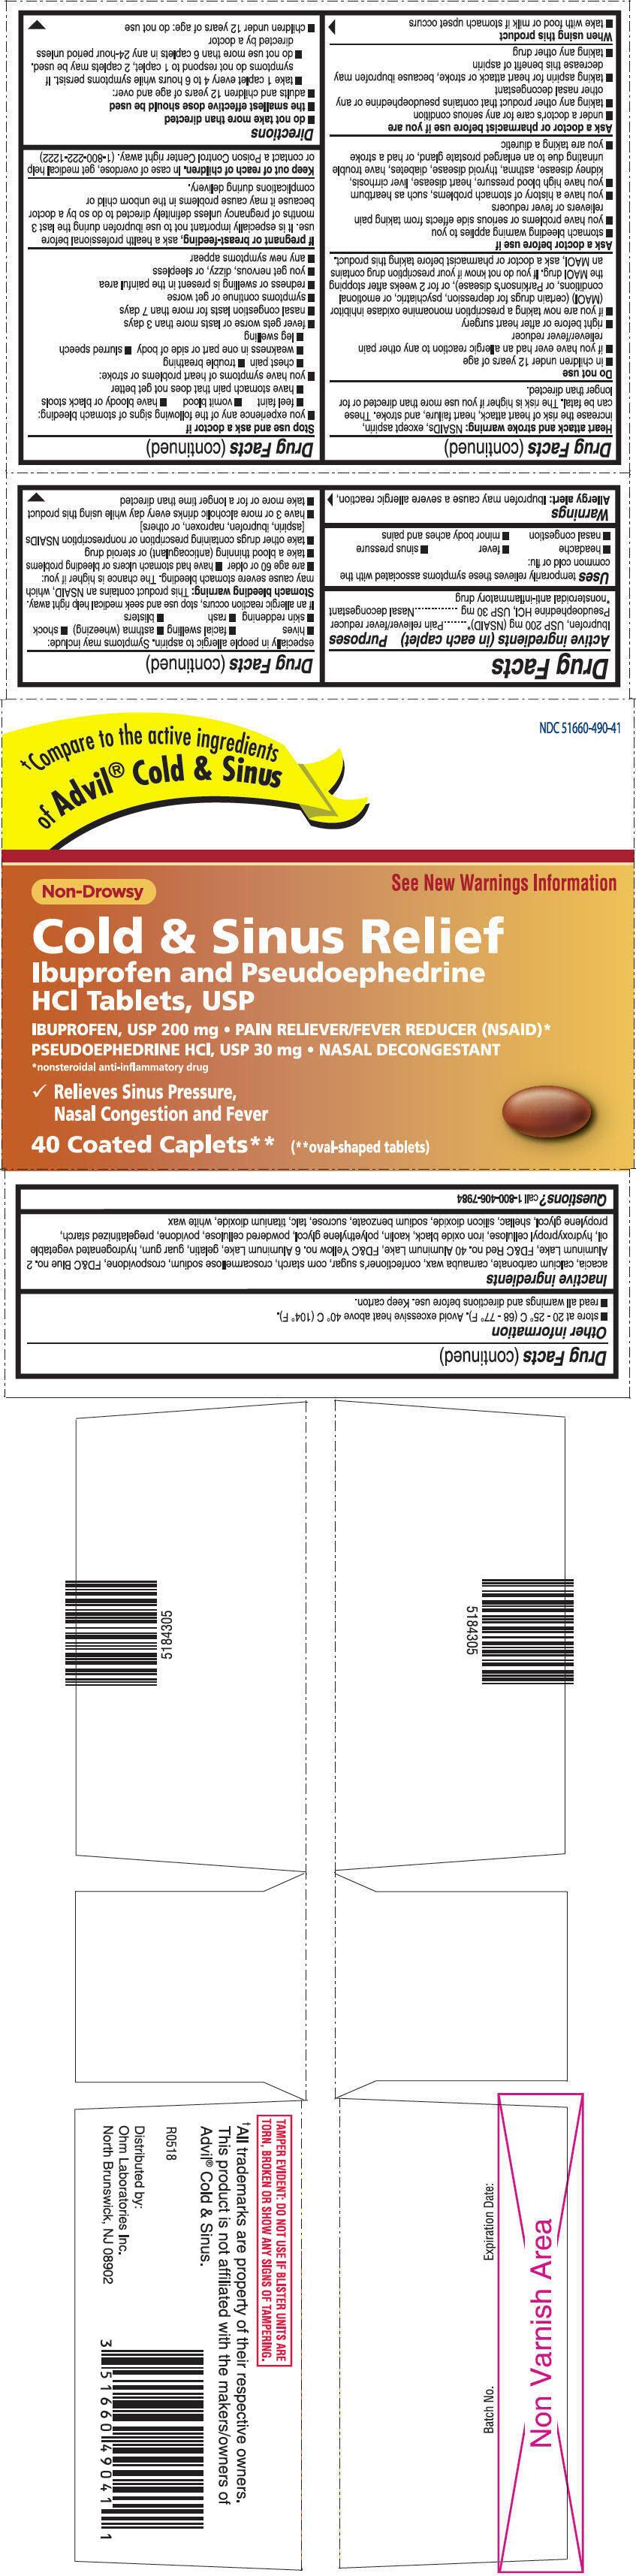 PRINCIPAL DISPLAY PANEL - 200 mg/30 mg Tablet Blister Pack Carton